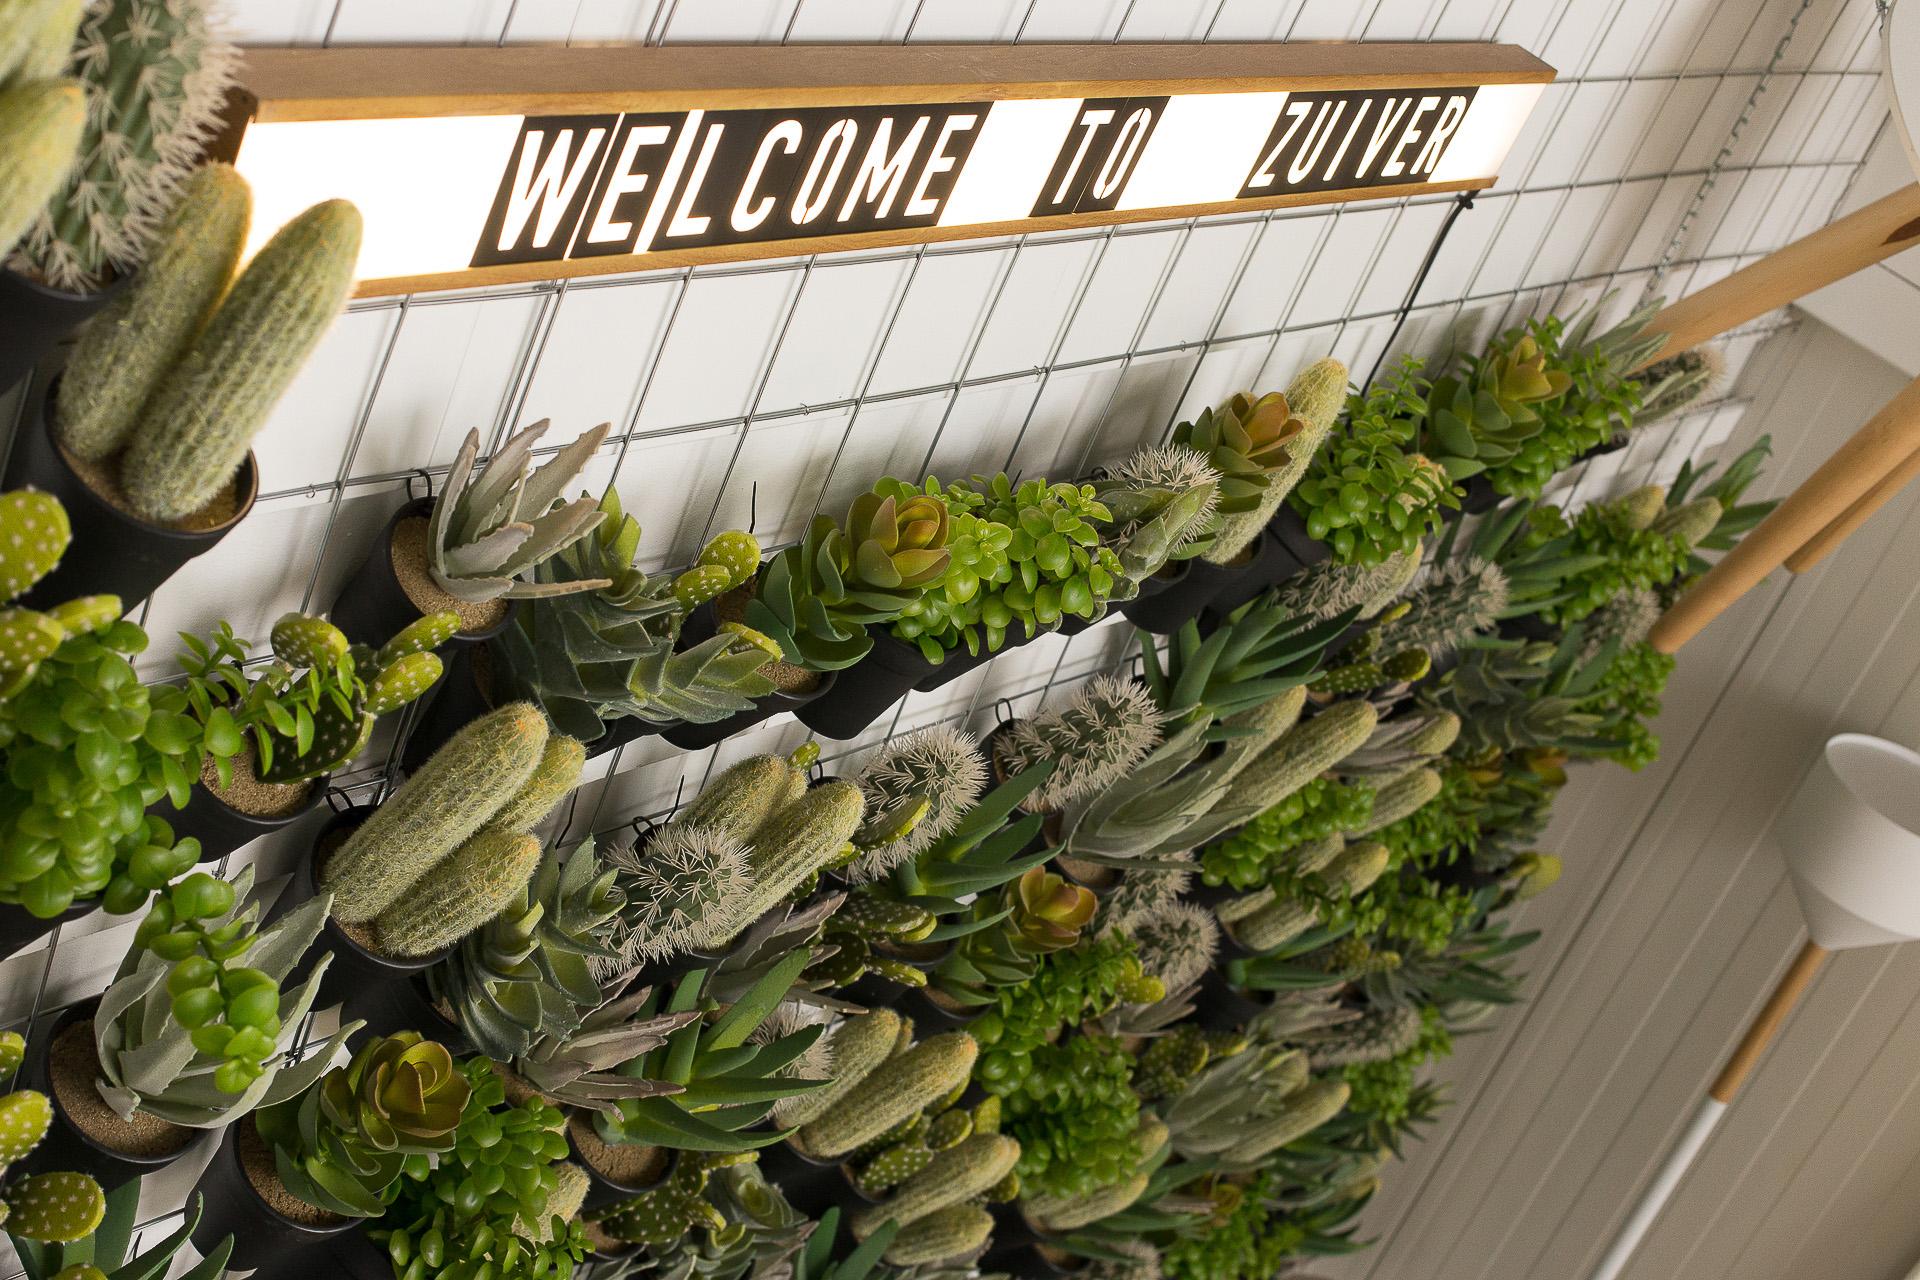 Inneneinrichtung Heidelberg, Mannheim, Stuttgart - Gaffga Interieur Design - Moebel von Zuiver, Pflanzendeco